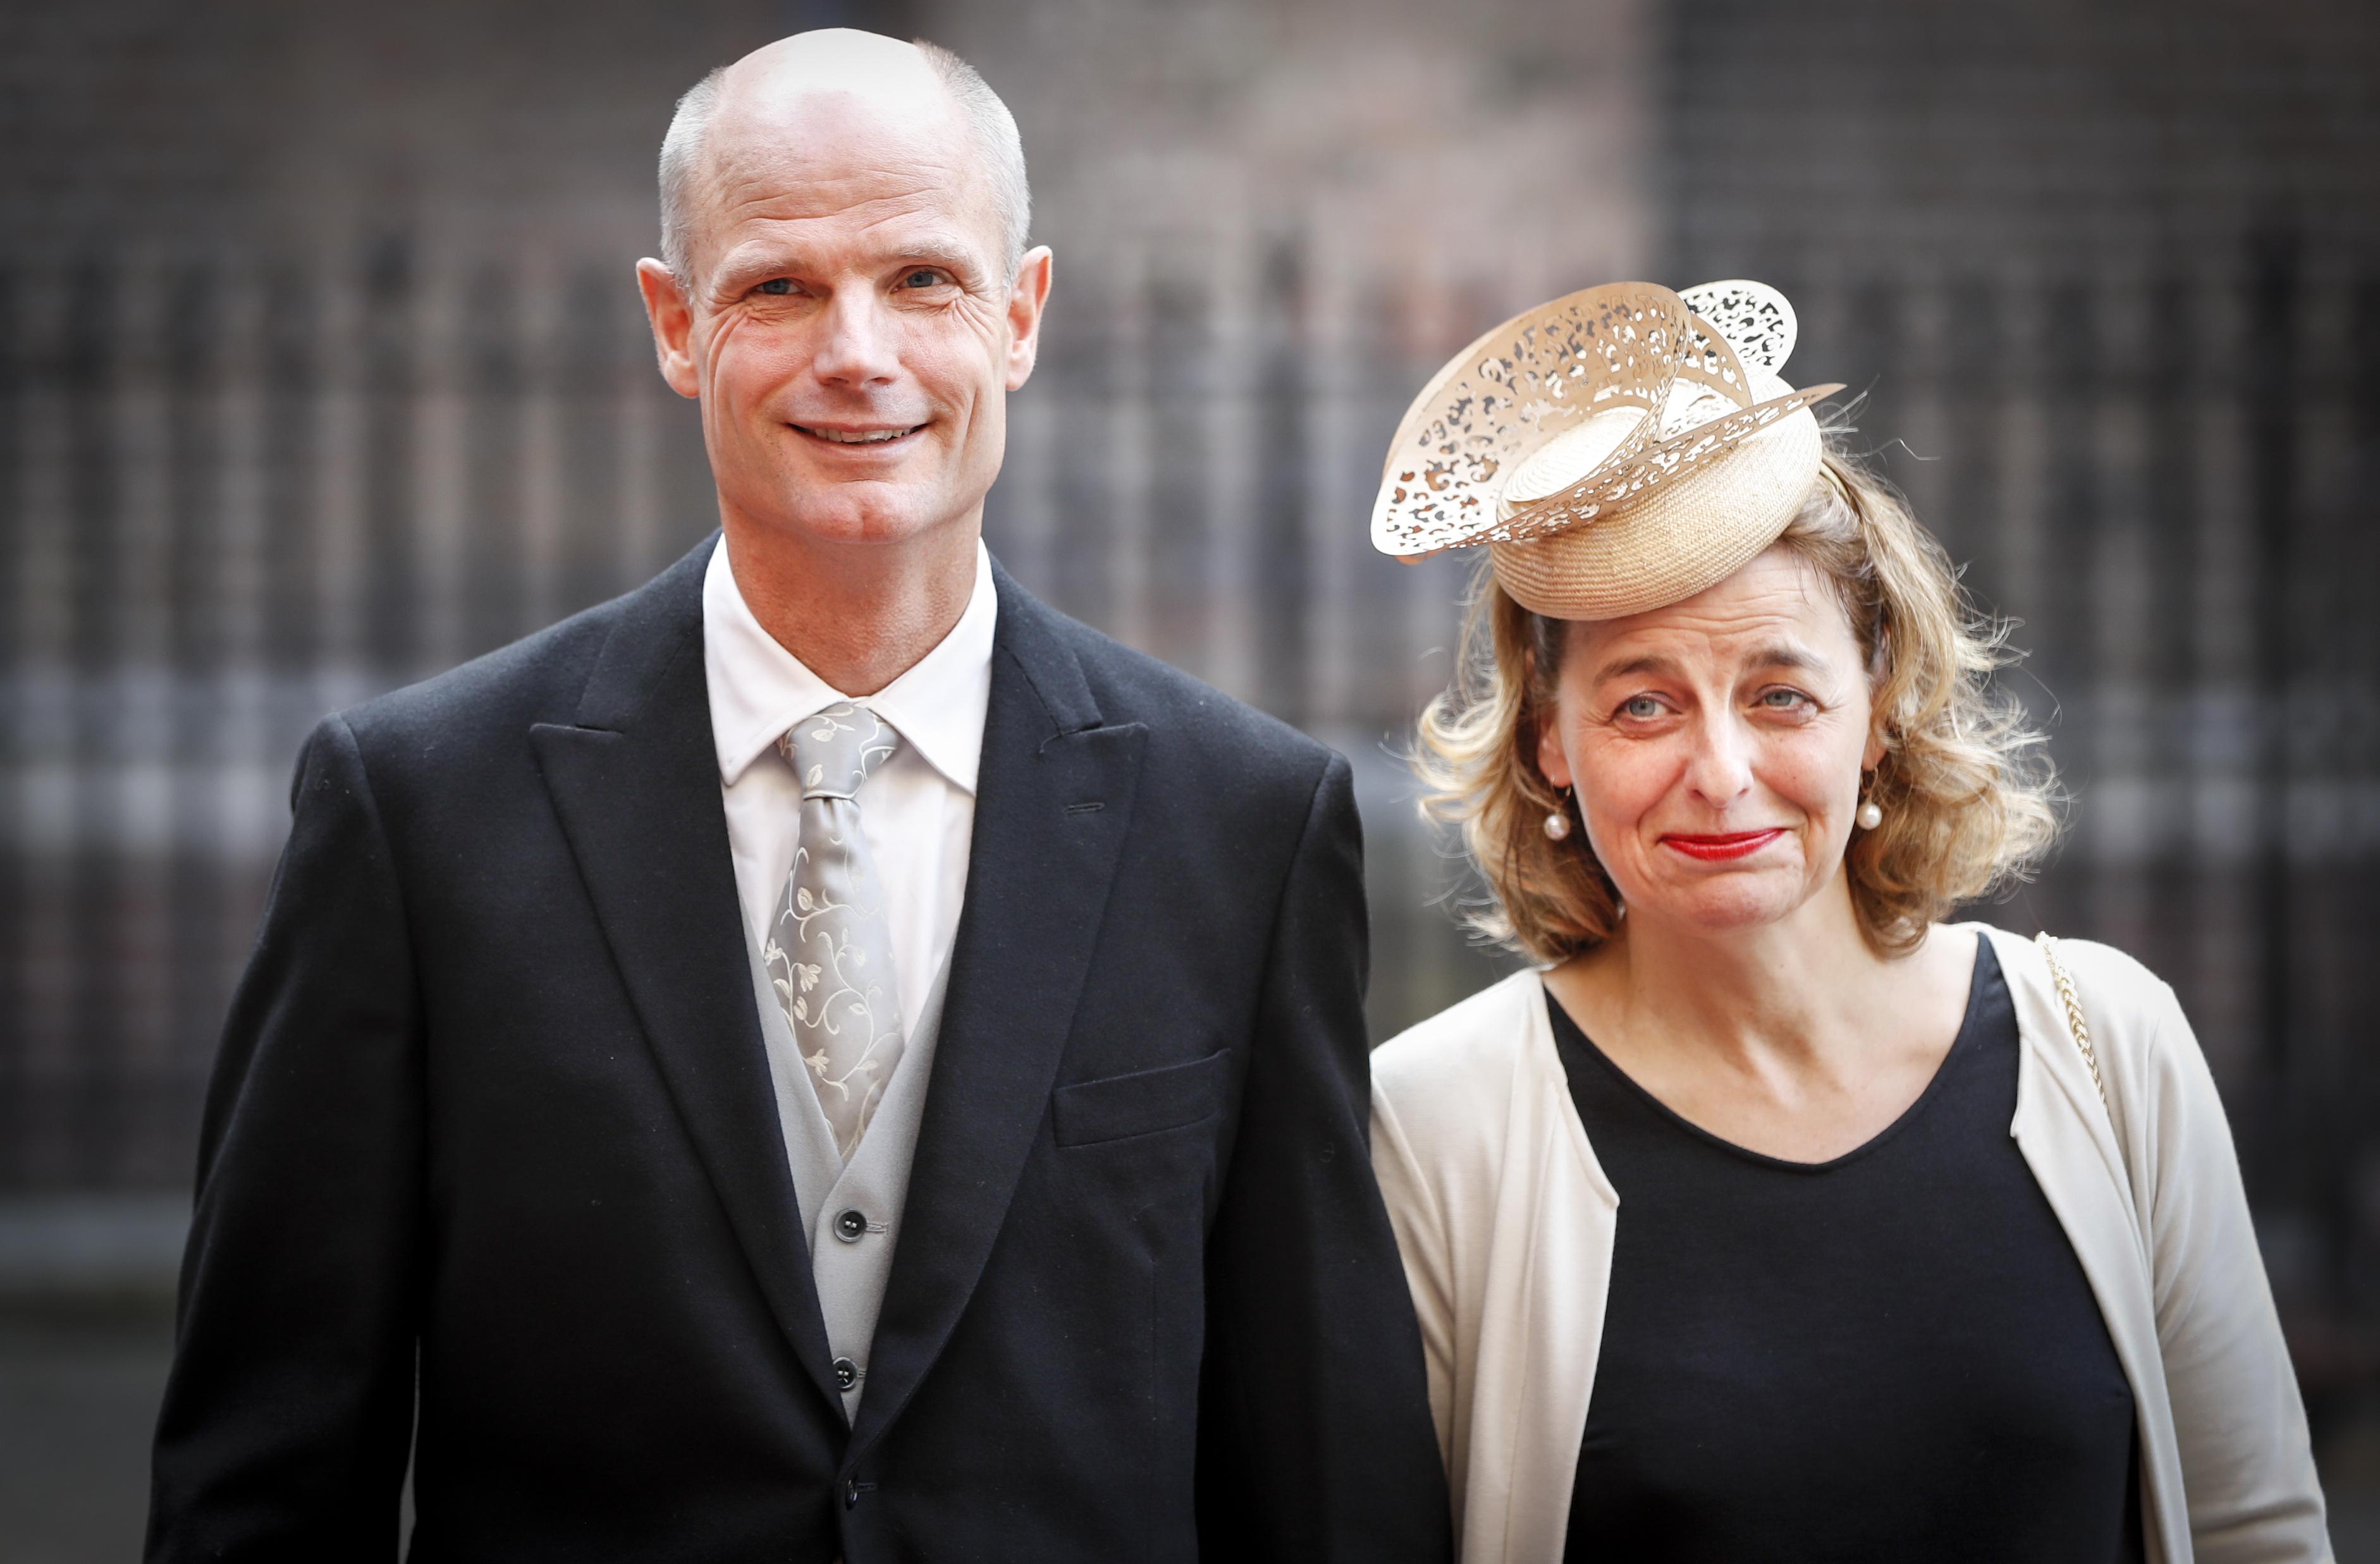 Stef Blok Minister voor Wonen en Rijksdienst arriveert bij de Ridderzaal op Prinsjesdag. ANP